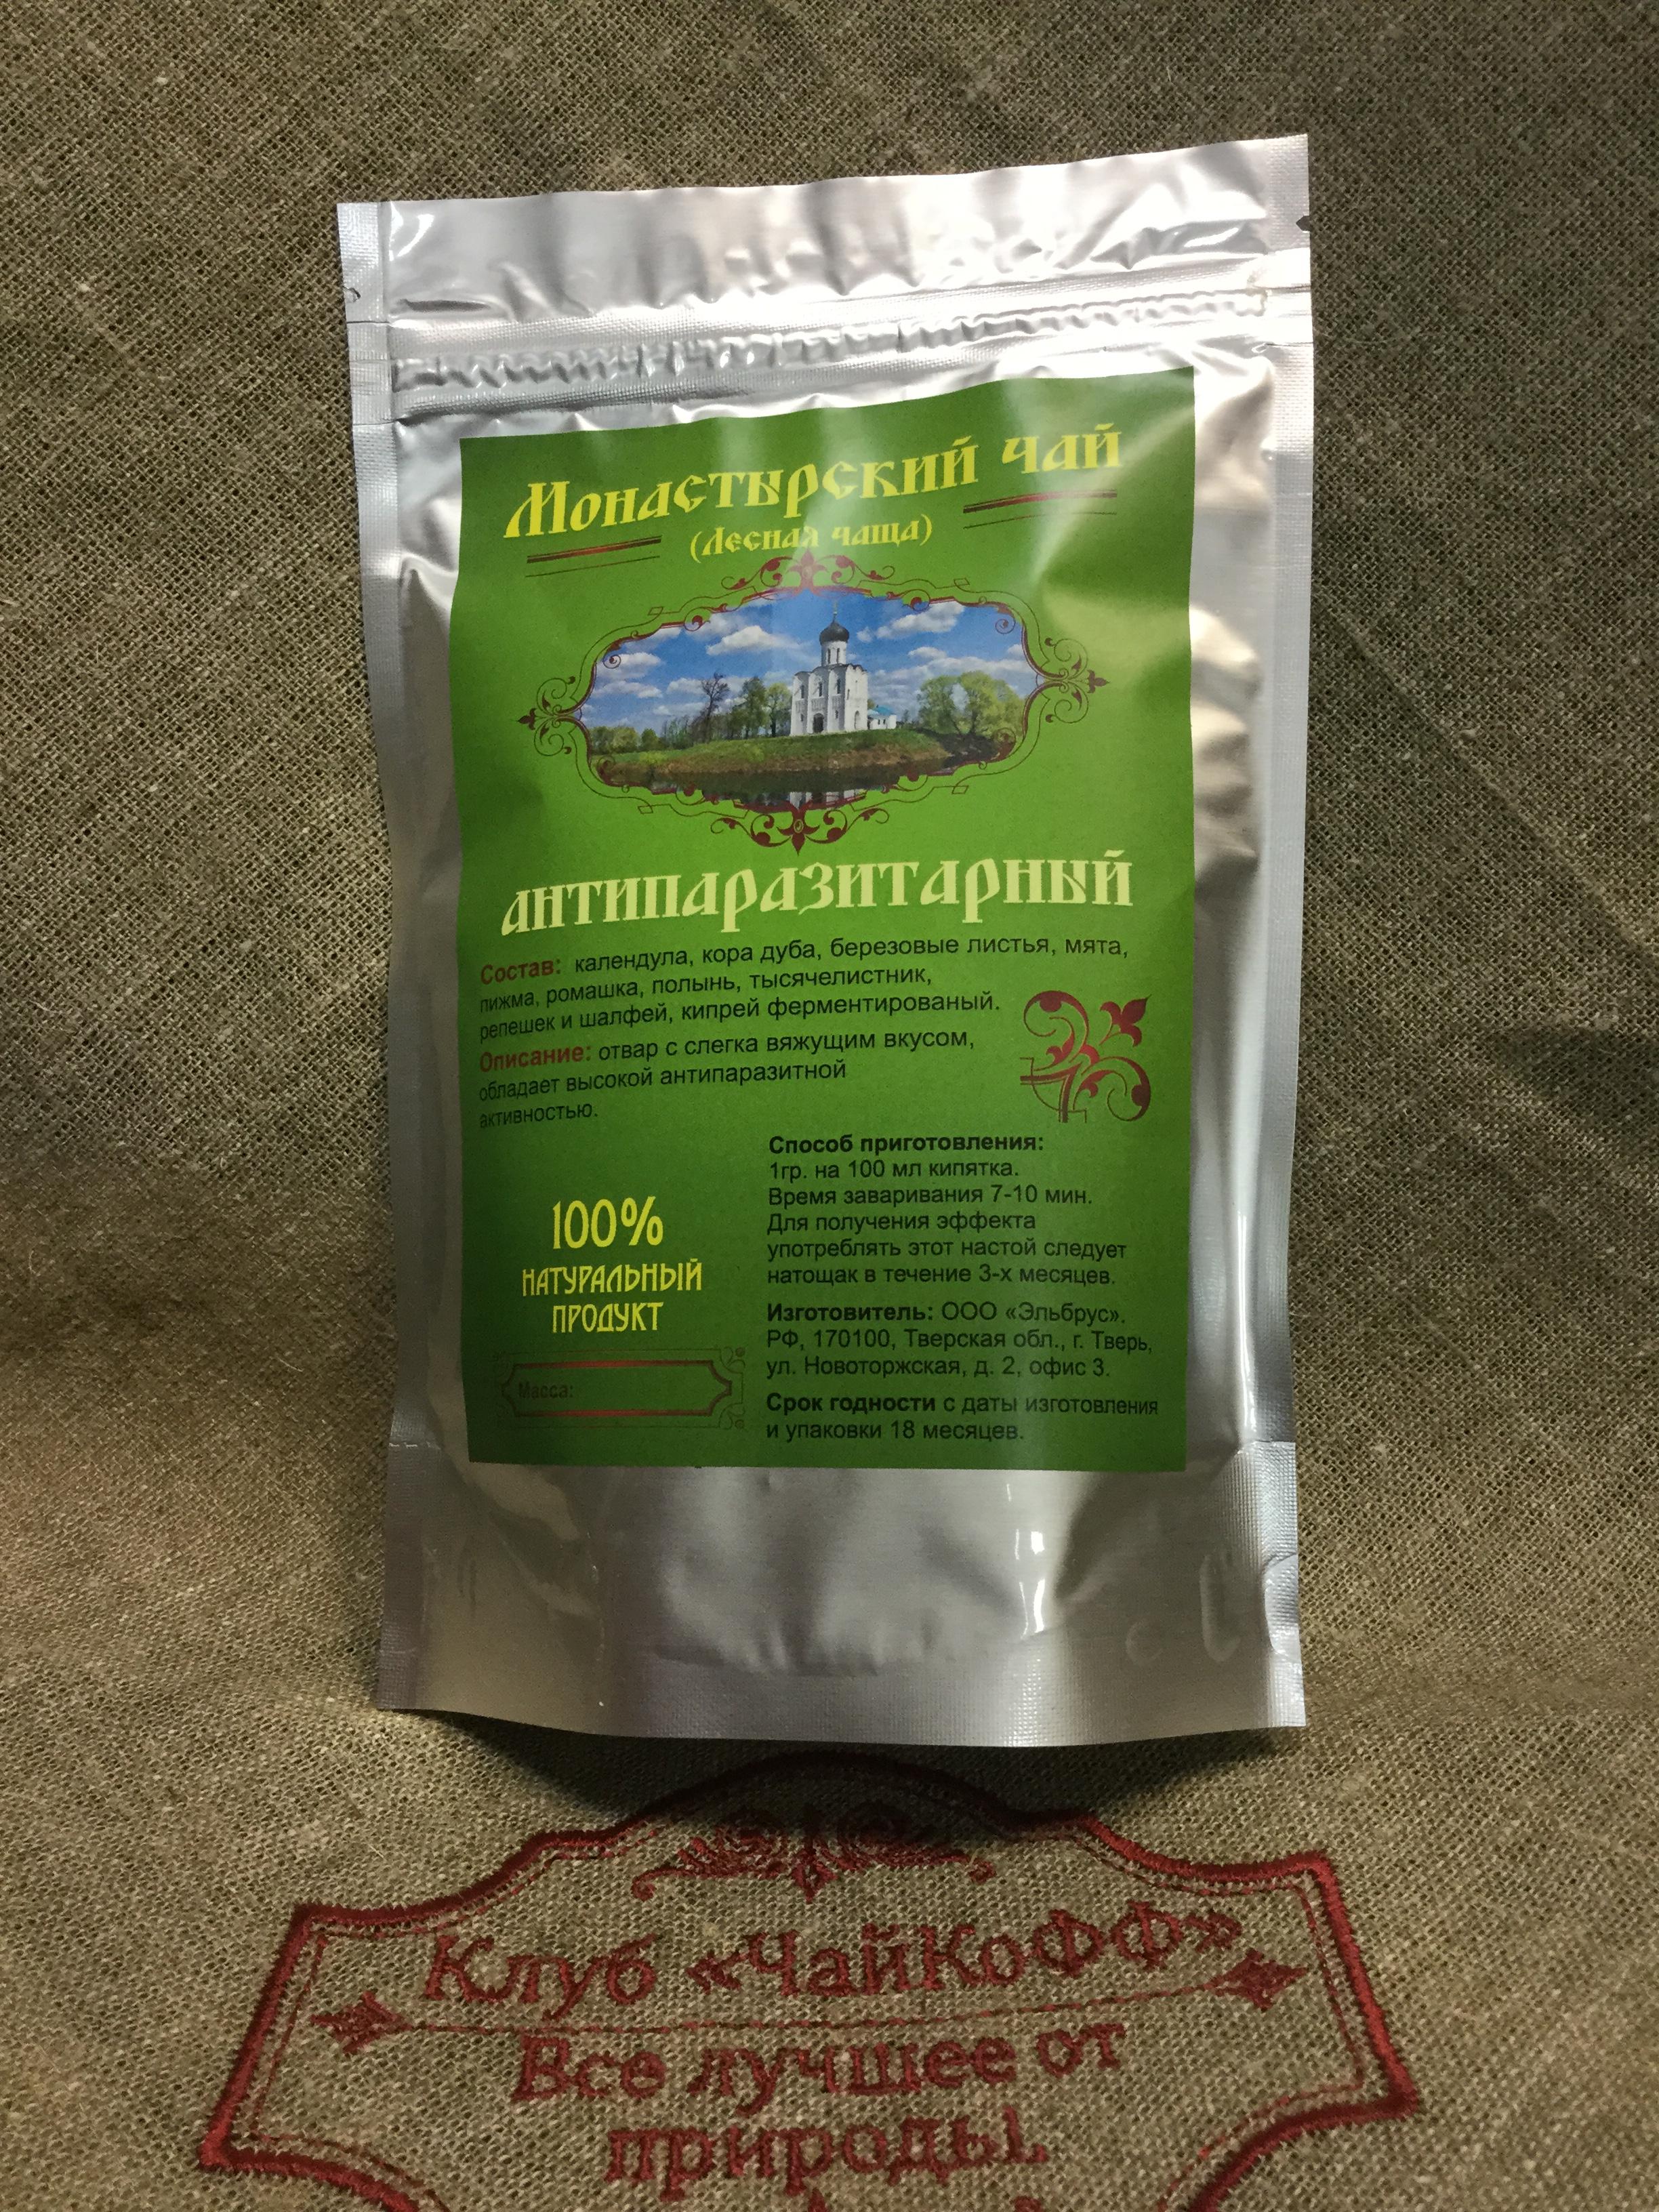 Антипаразитарный чай цена в аптеке